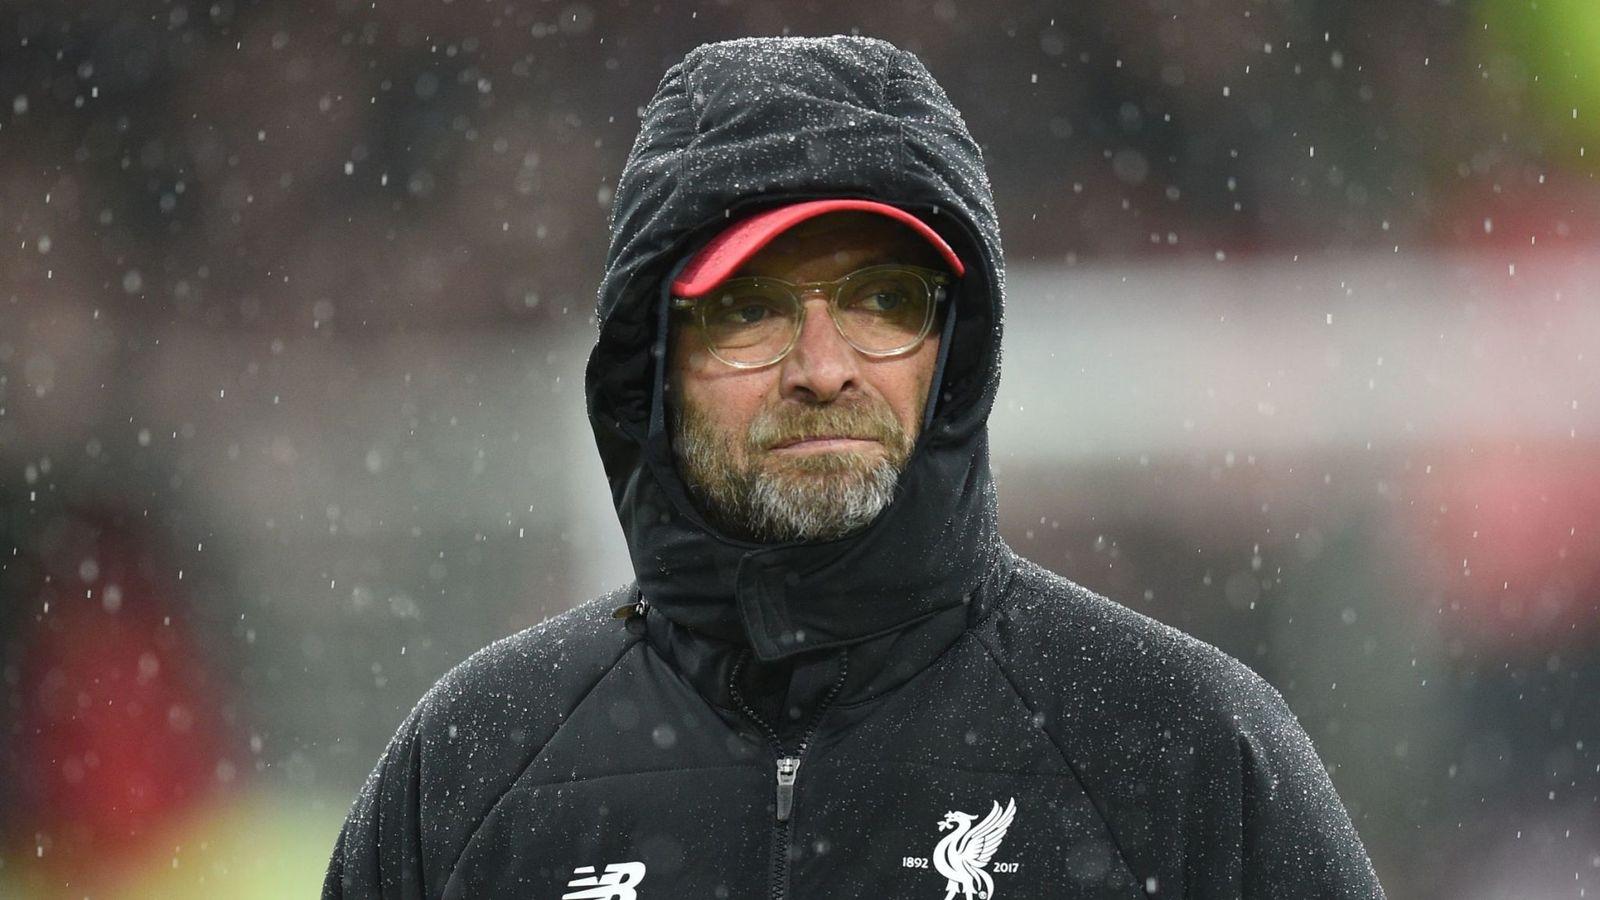 克洛普:我经纪人说天气只是开玩笑,我不会因此离开英国